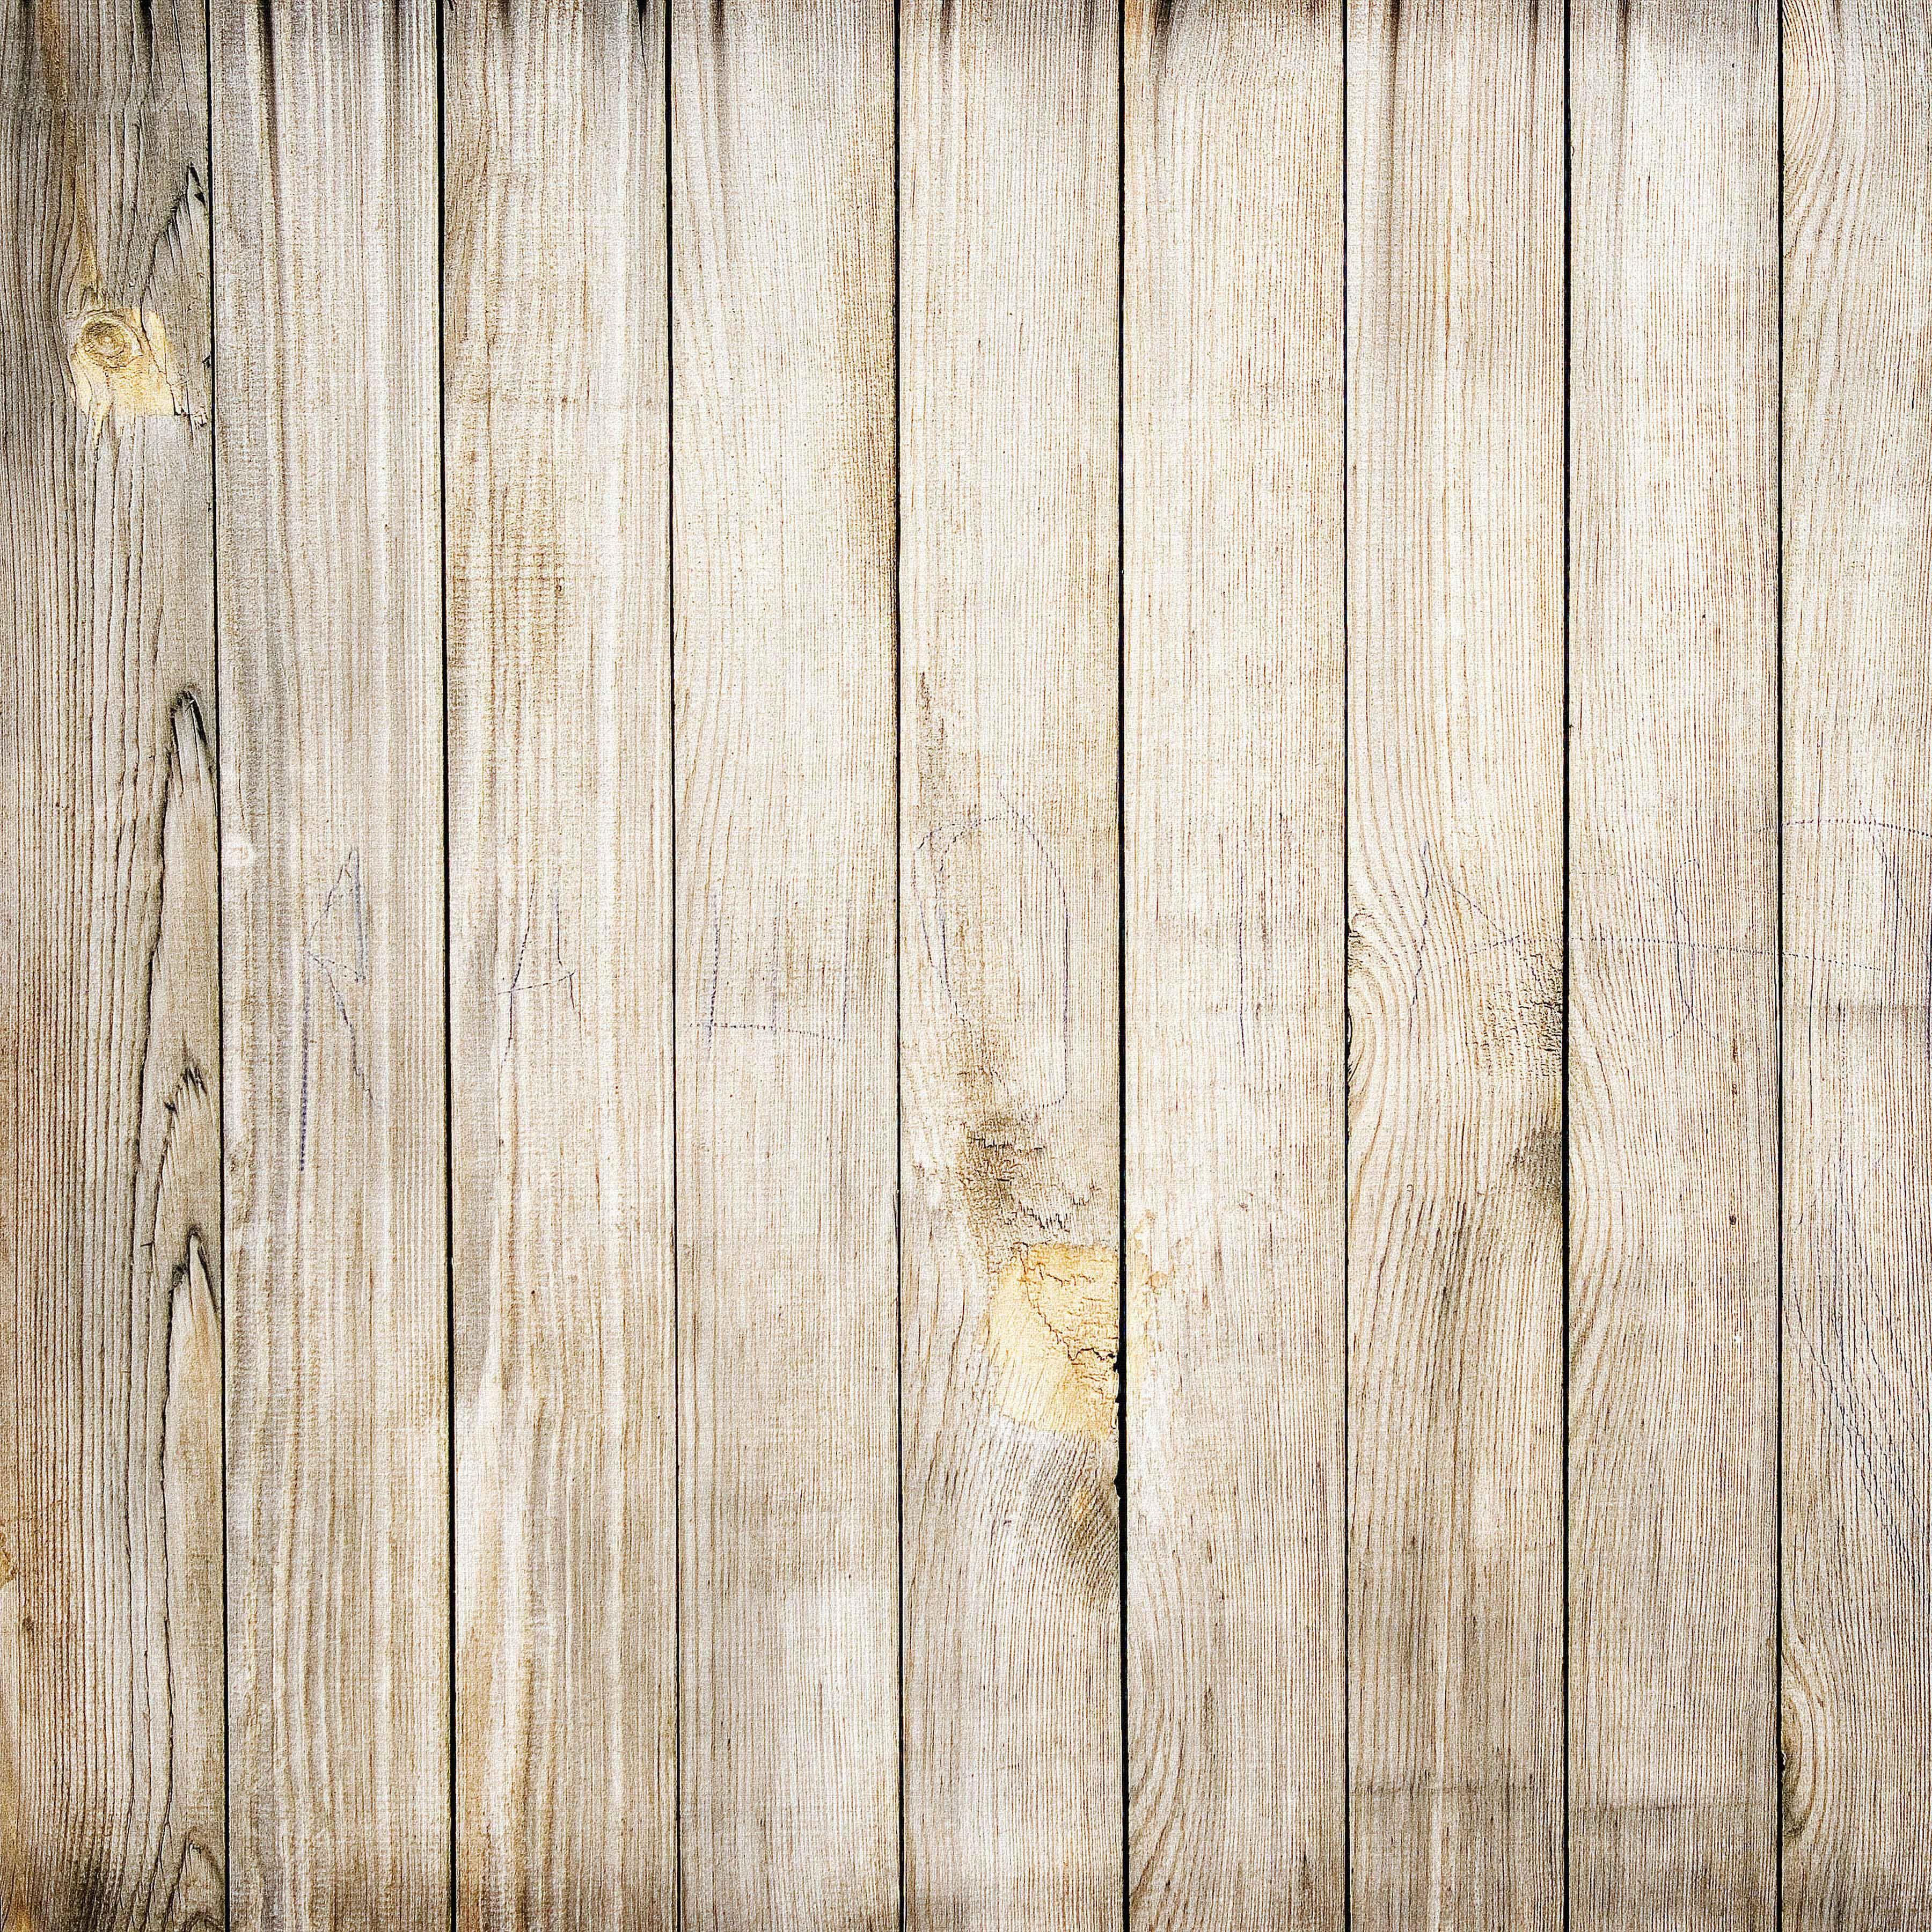 free wood backgrounds 1 print pinterest papier hintergrund papier und bilder. Black Bedroom Furniture Sets. Home Design Ideas